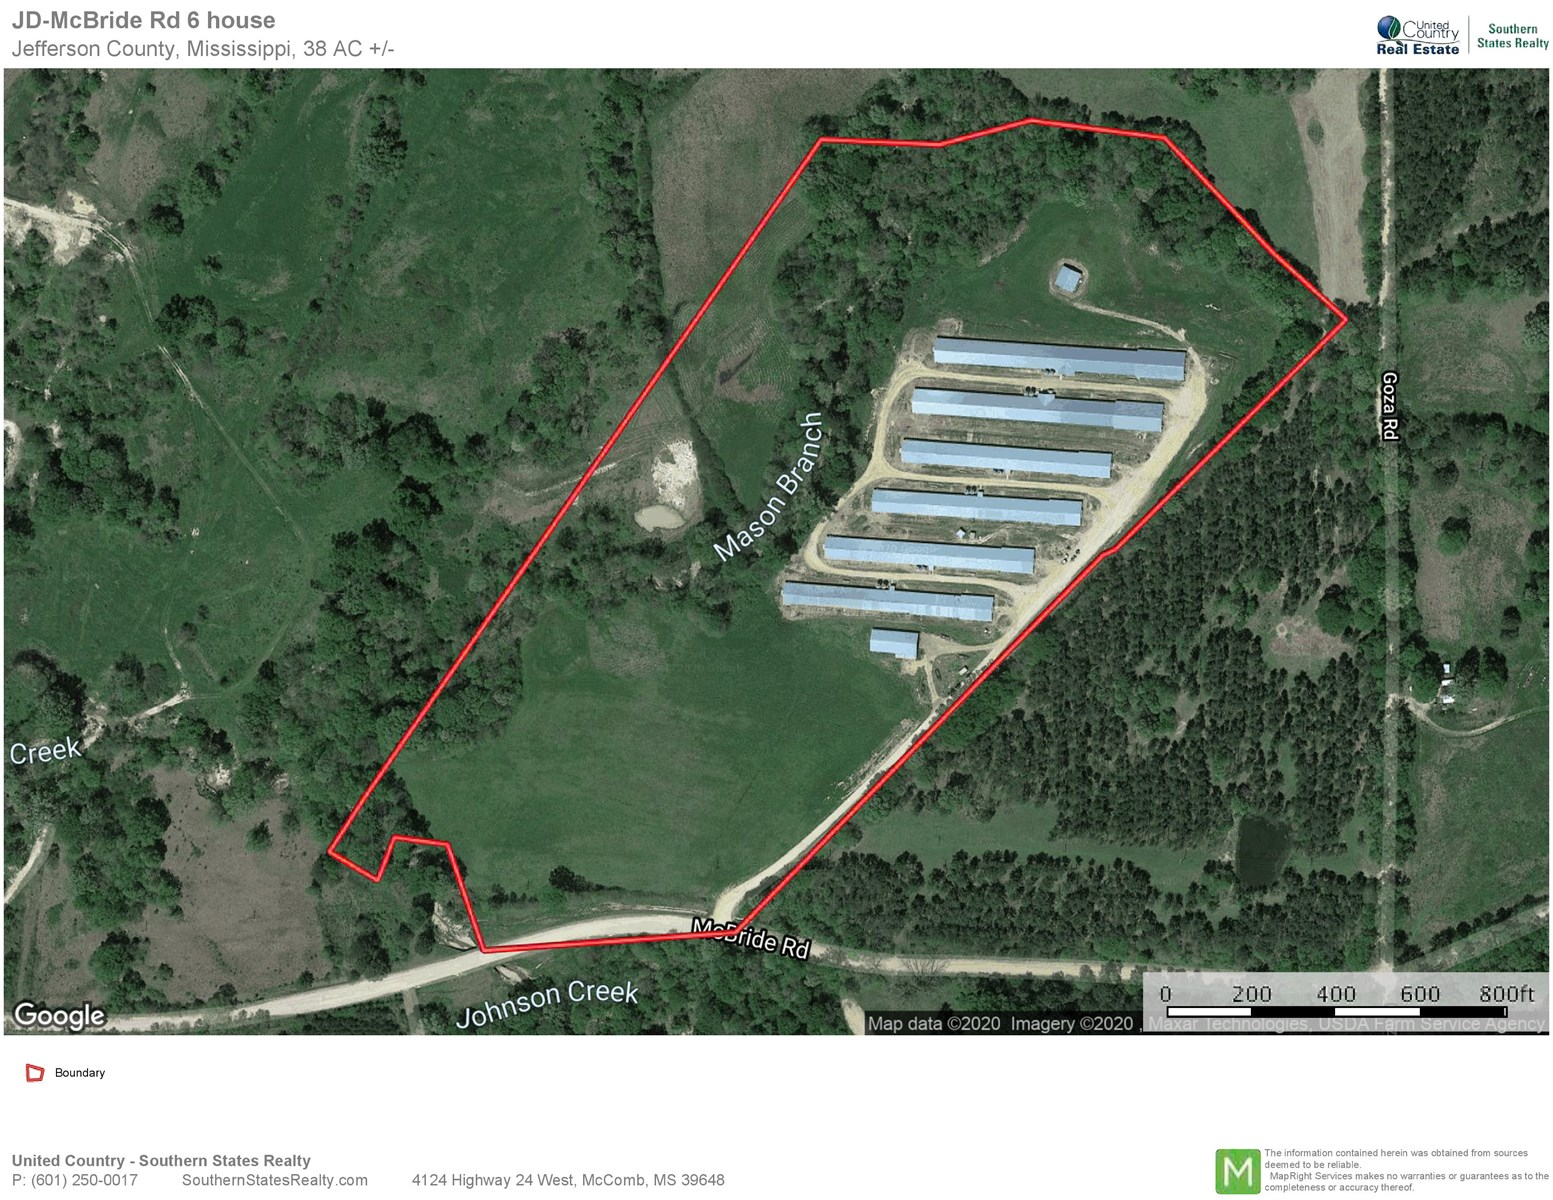 6 House Broiler Poultry Farm 38 Acres Jefferson Co, SW MS